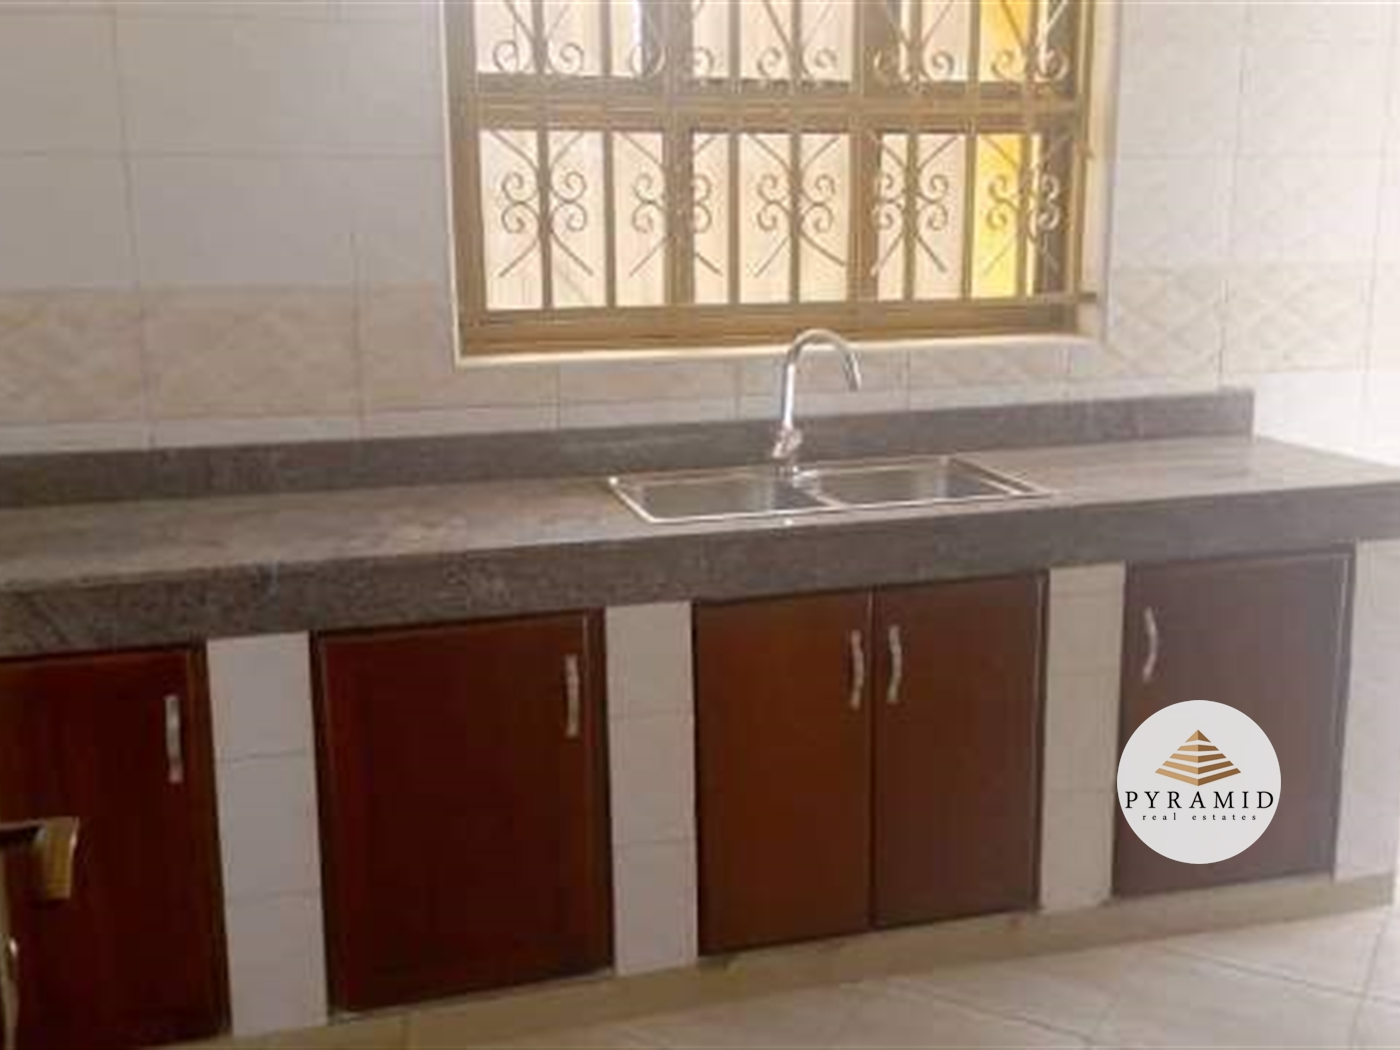 Apartment for rent in Rubaga Kampala